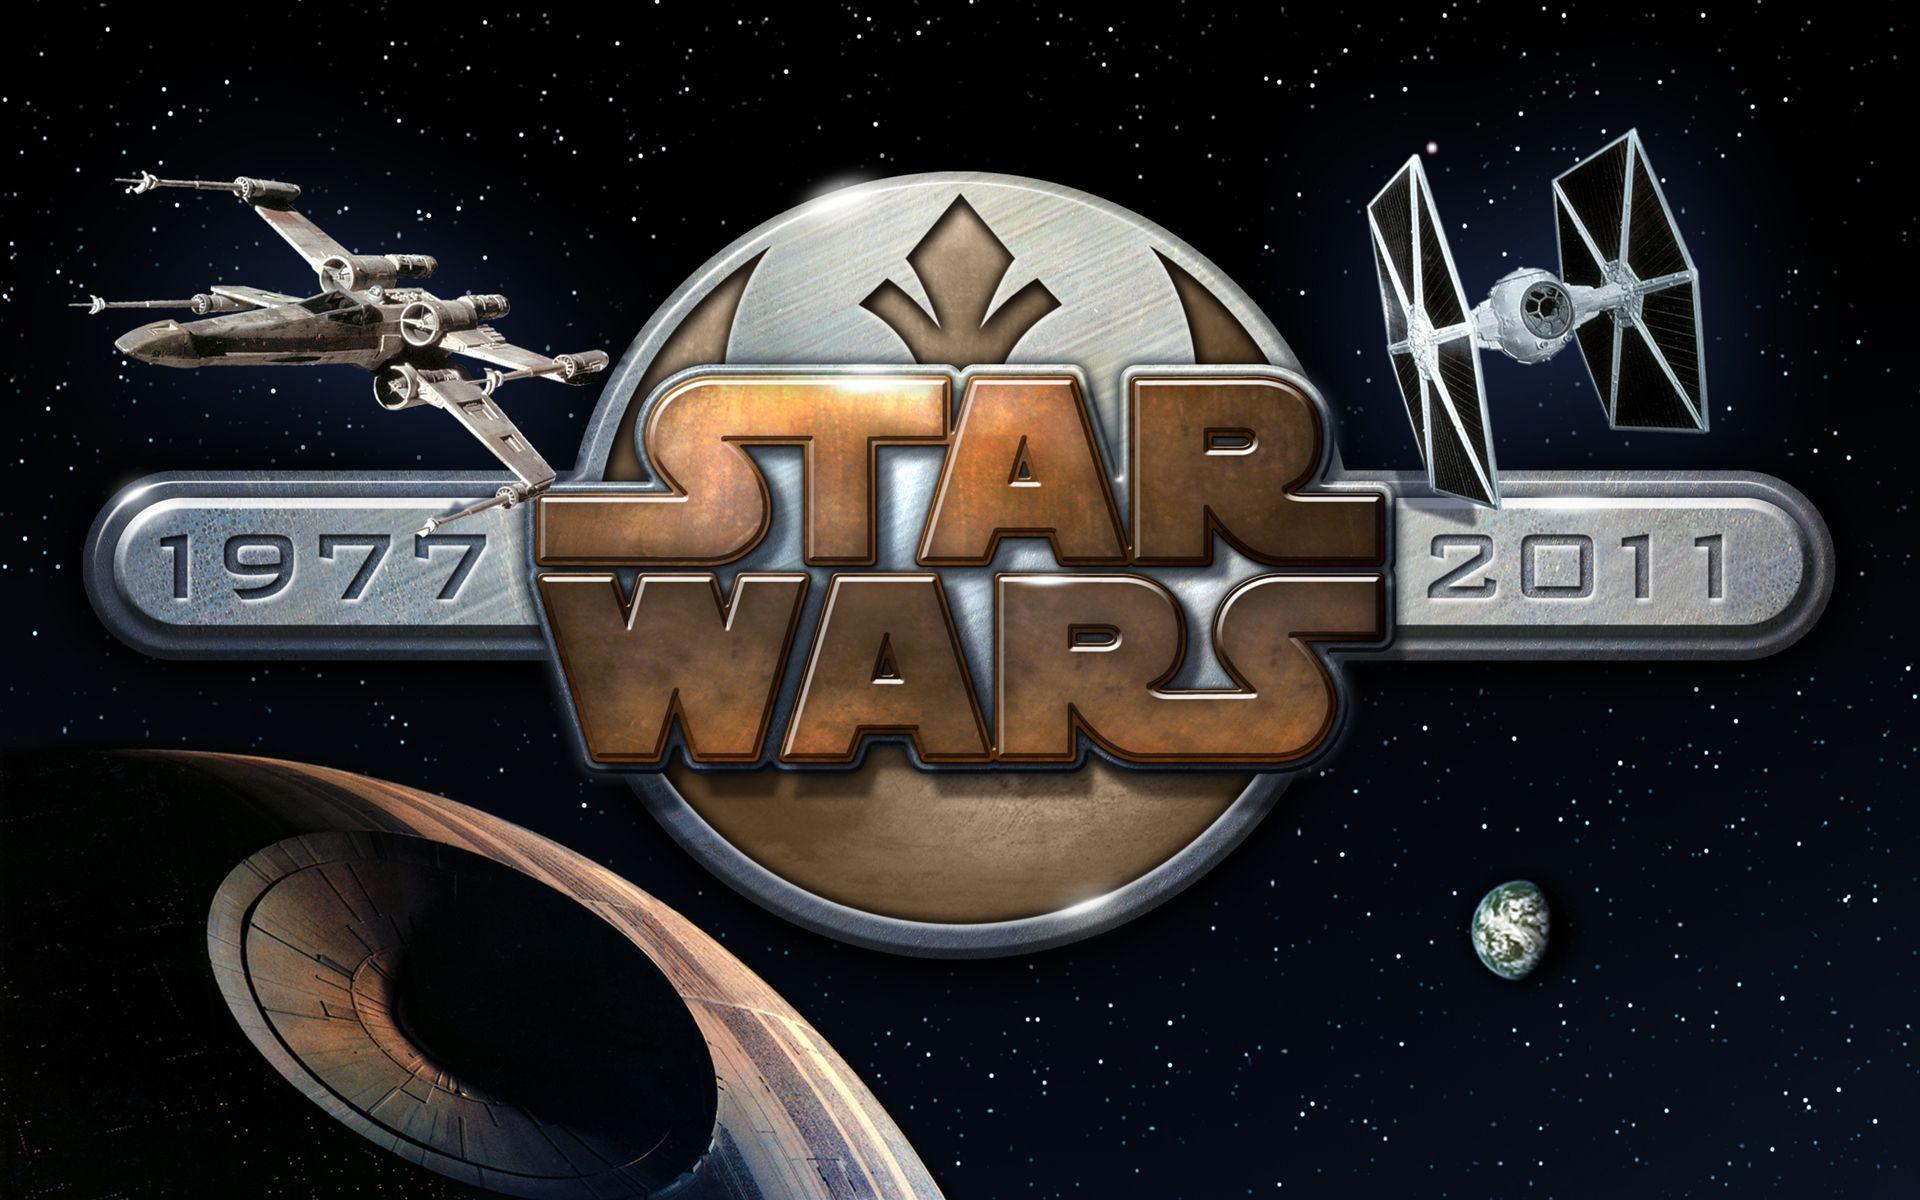 Star Wars Wallpaper   HD Wallpaper Expert 1920x1200